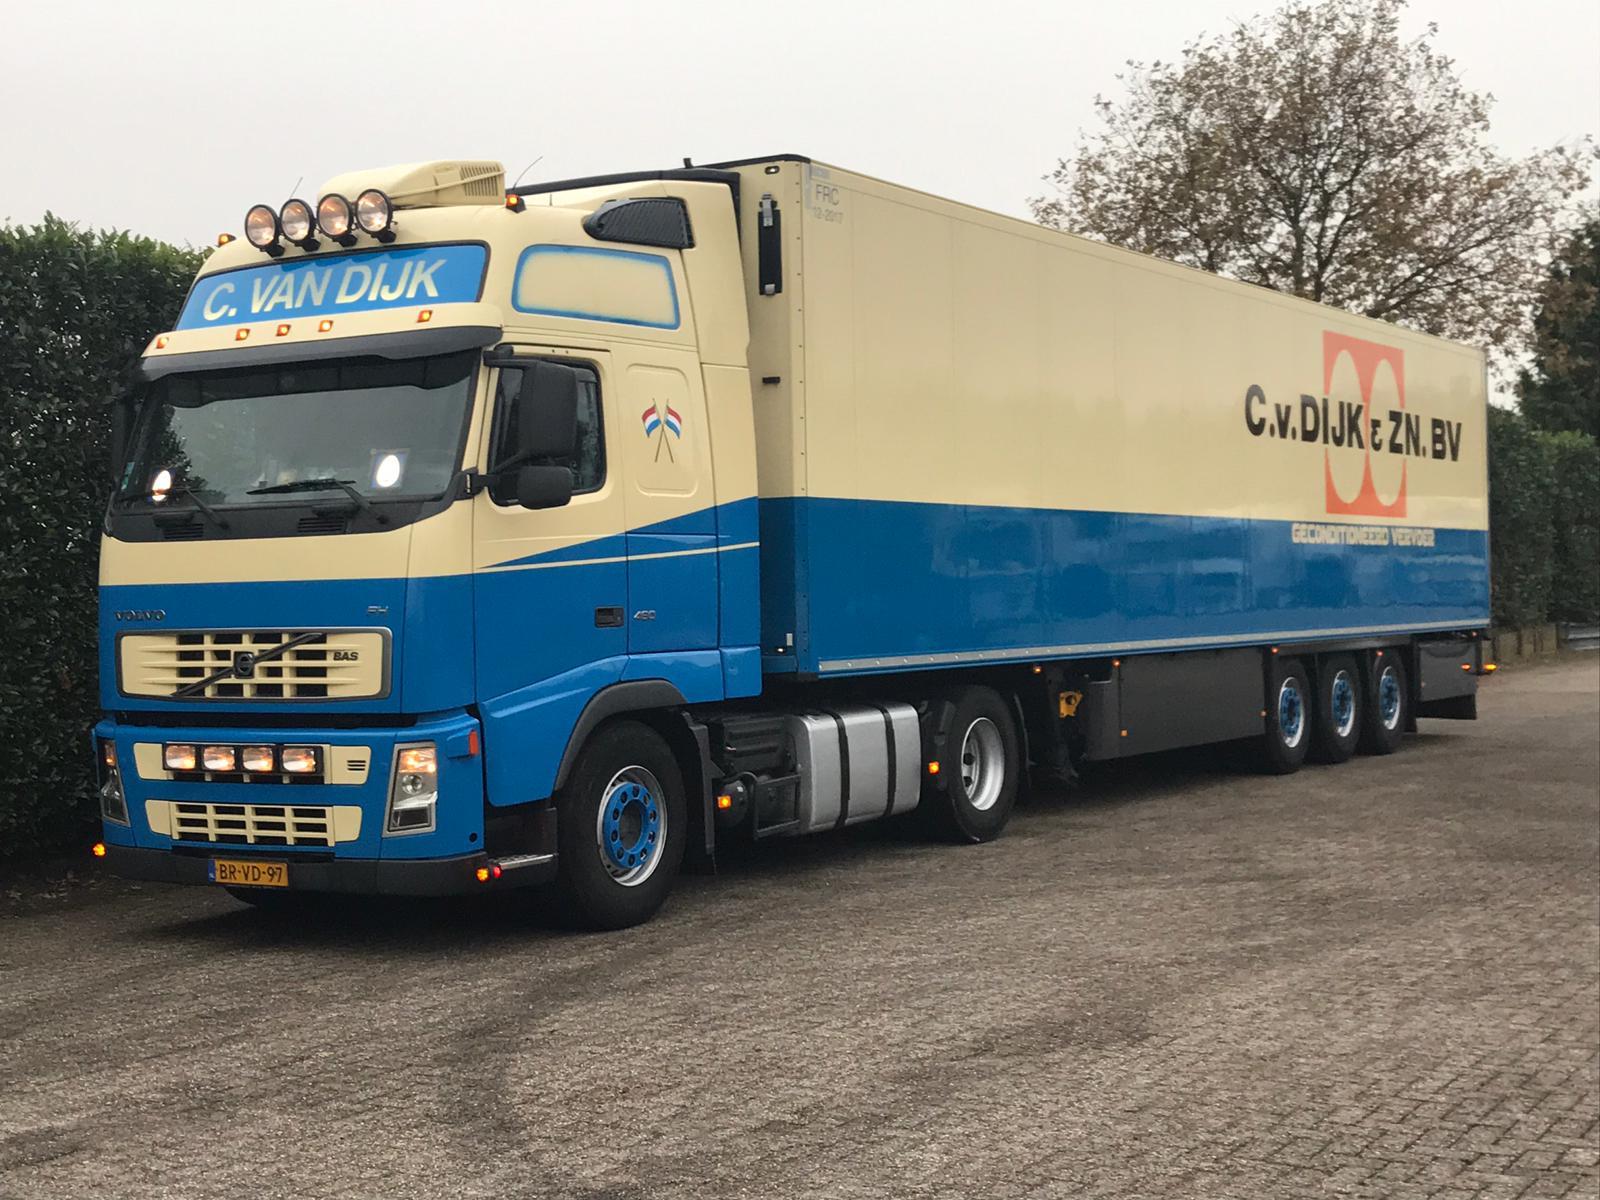 C. van Dijk rijdt...